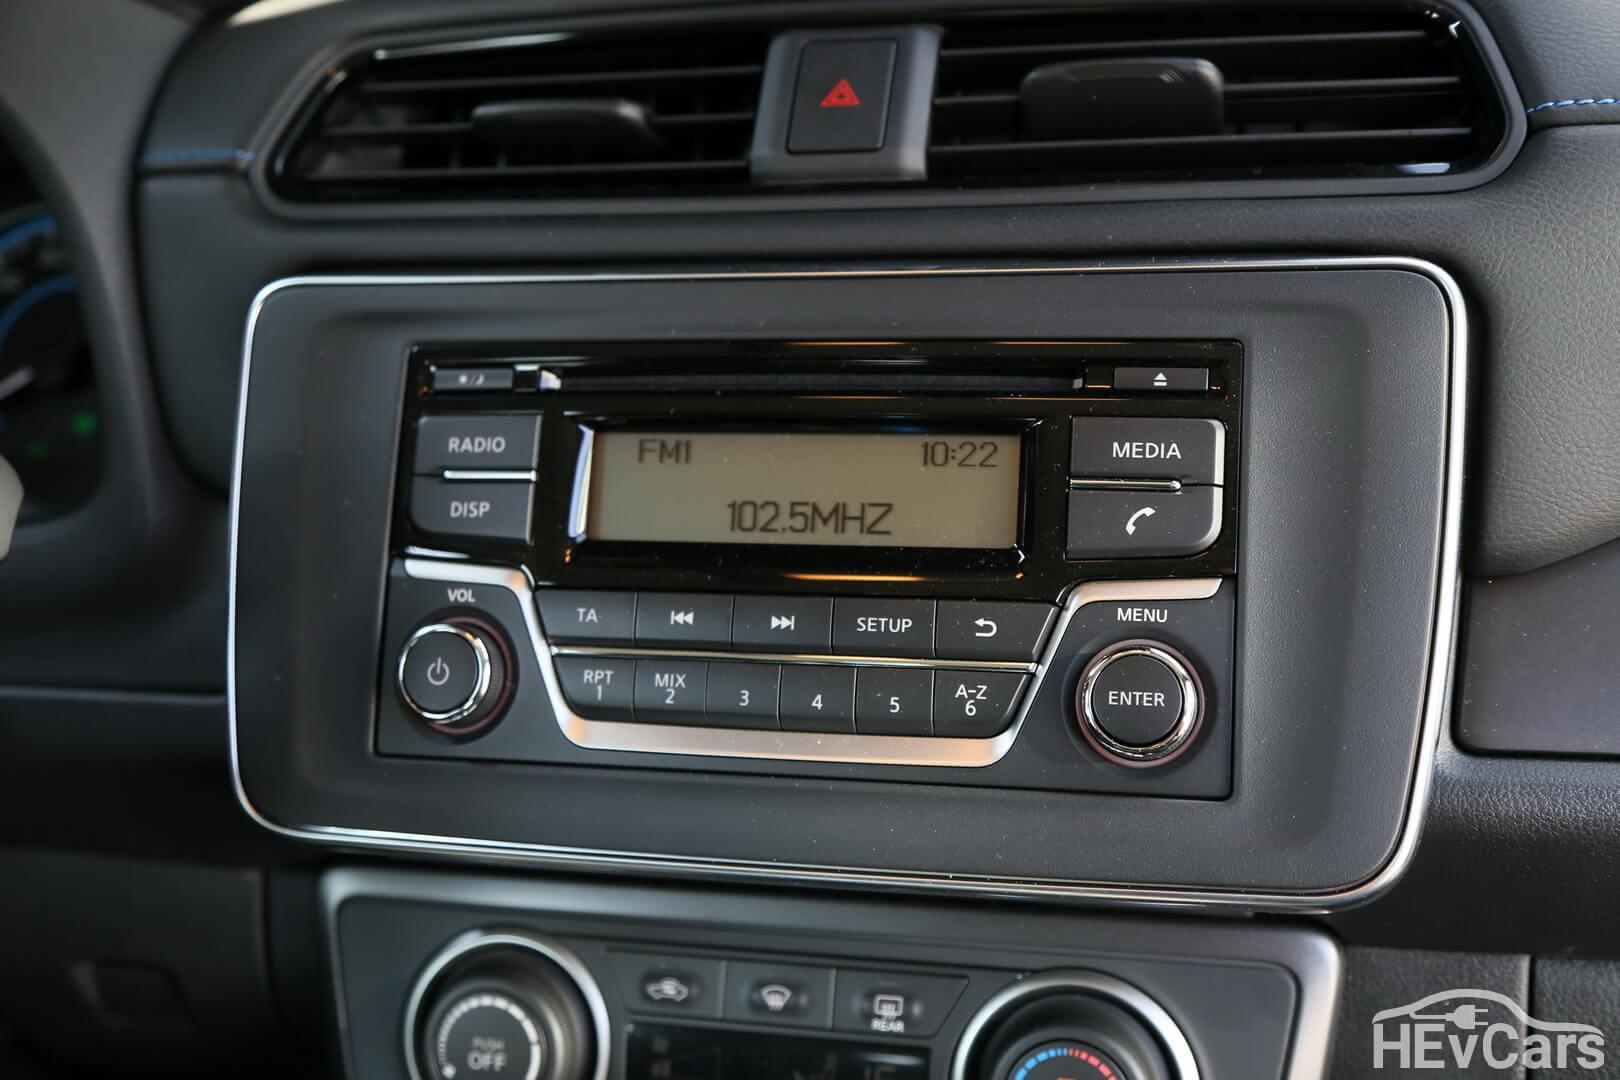 Базовая комплектация Nissan Leaf Visia без центрального дисплея